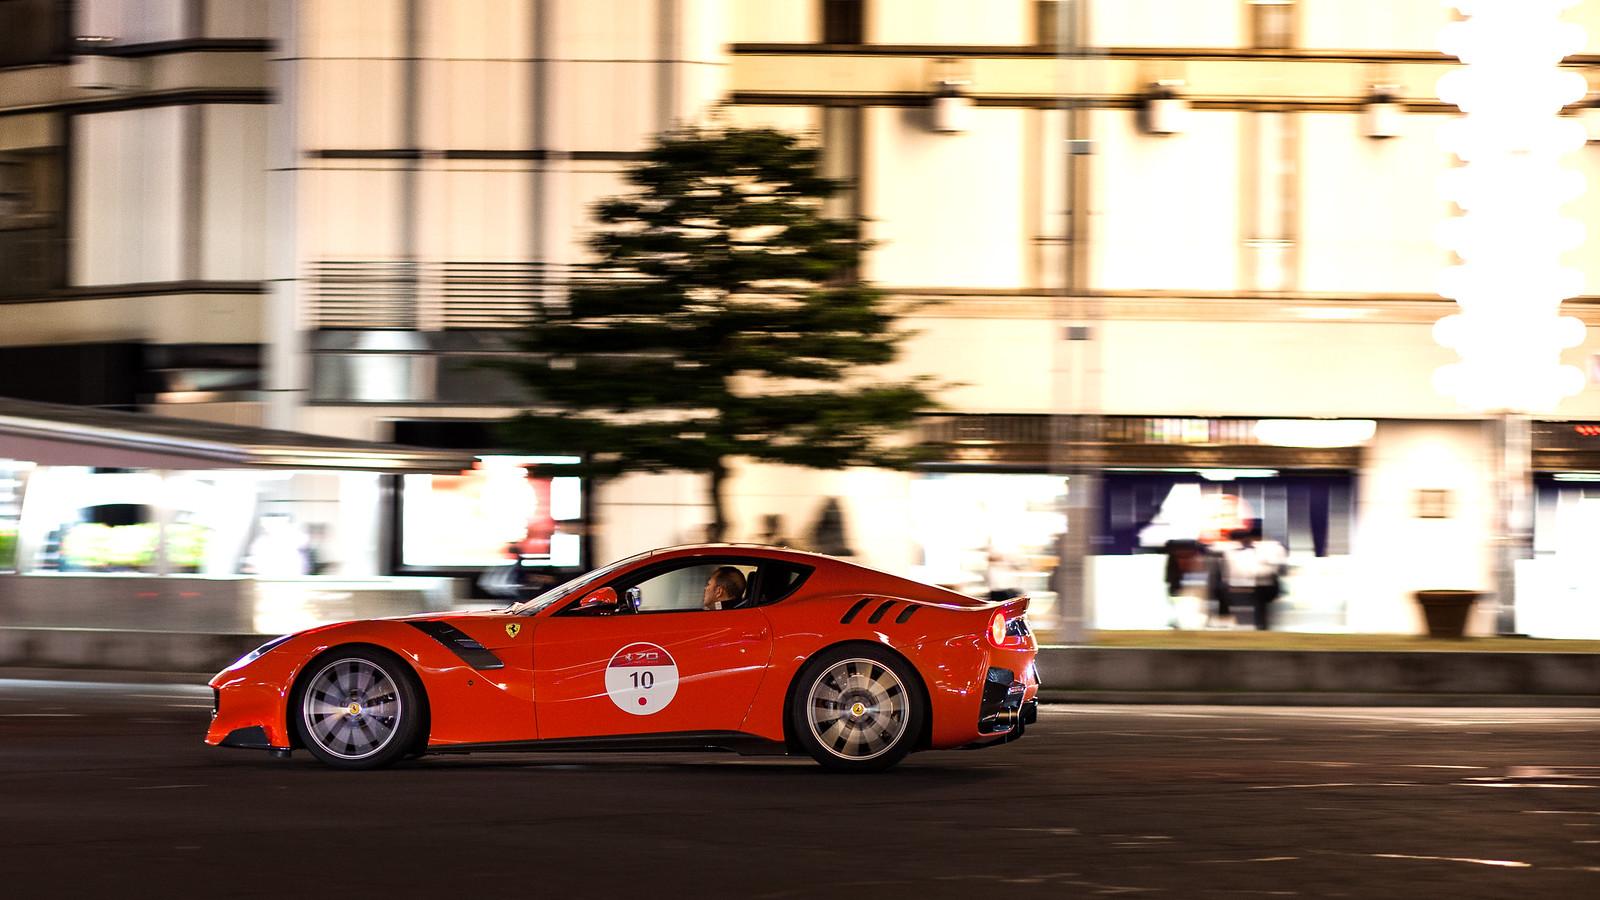 Ferrari 70th anniversary in Japan - F12 tdf (3)